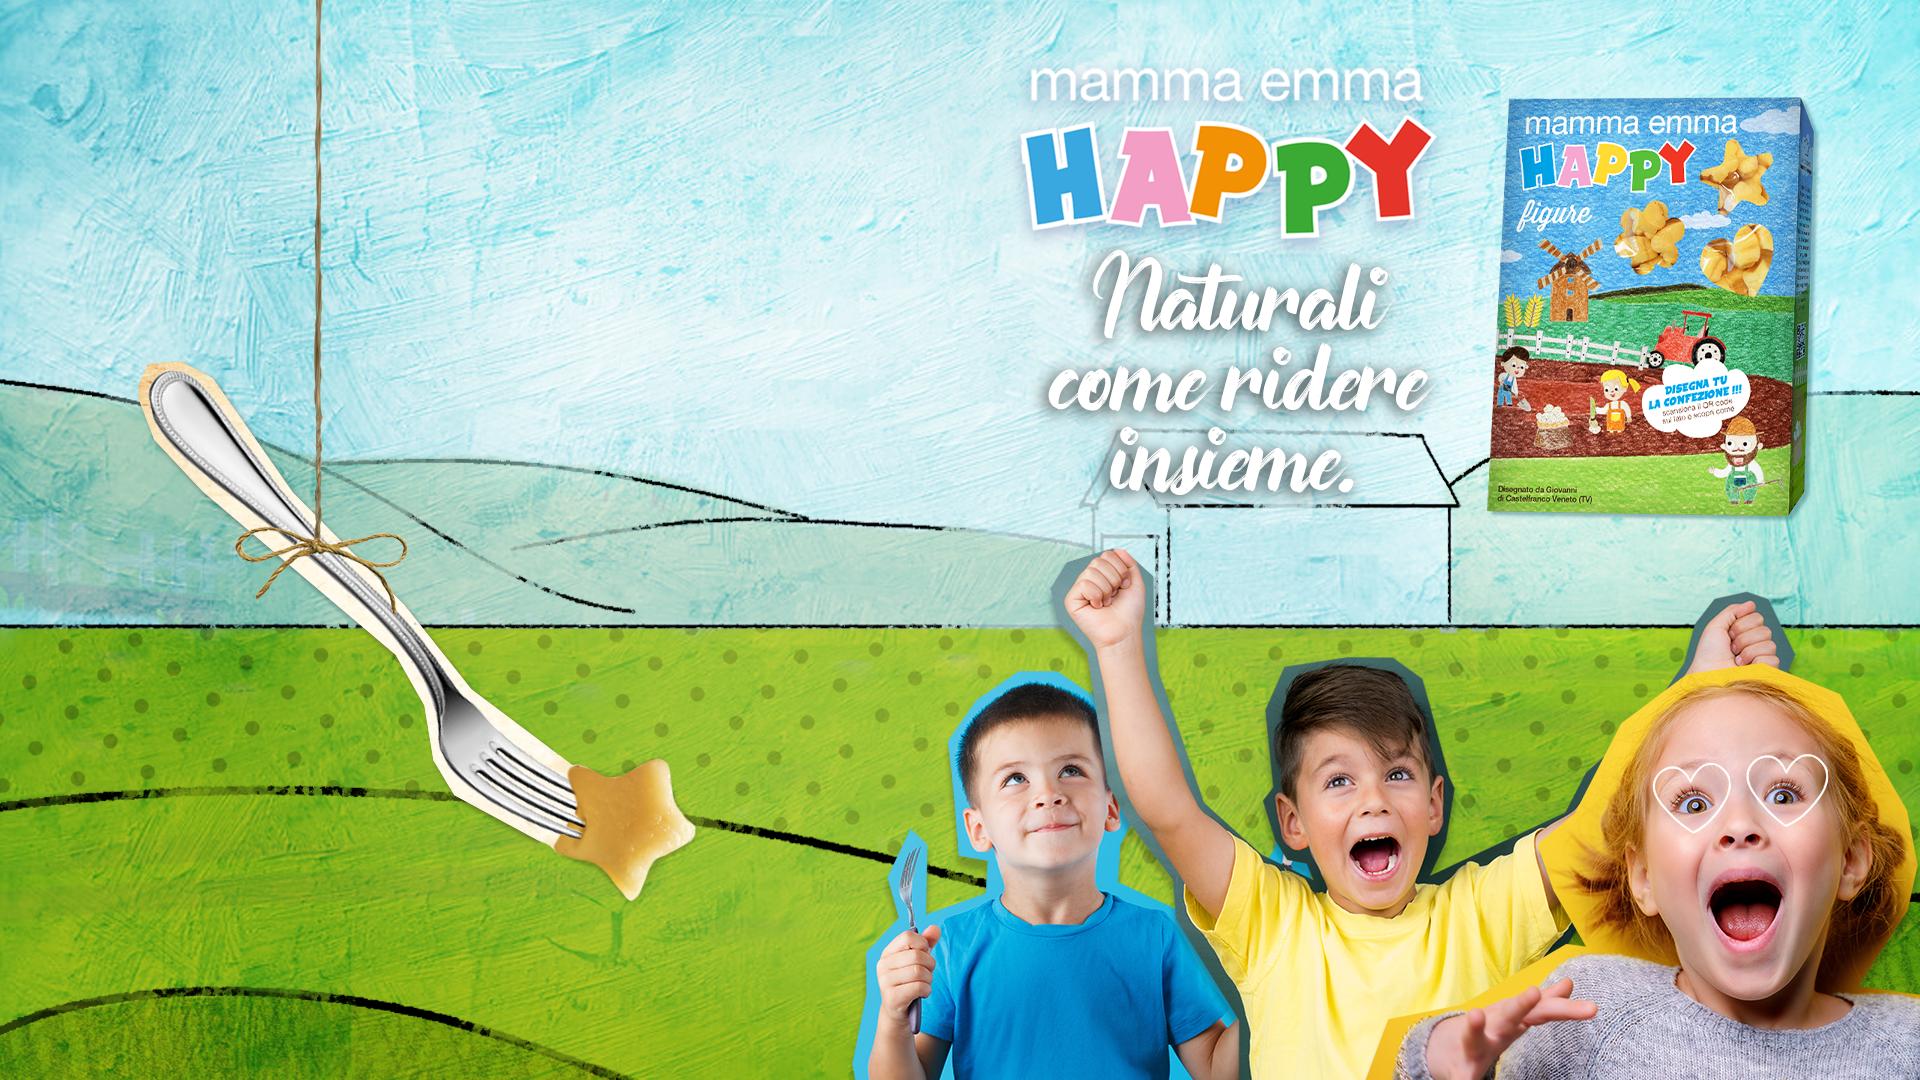 mamma emma HAPPY - campagna digital lancio nuova linea di gnocchi dedicati ai bambini